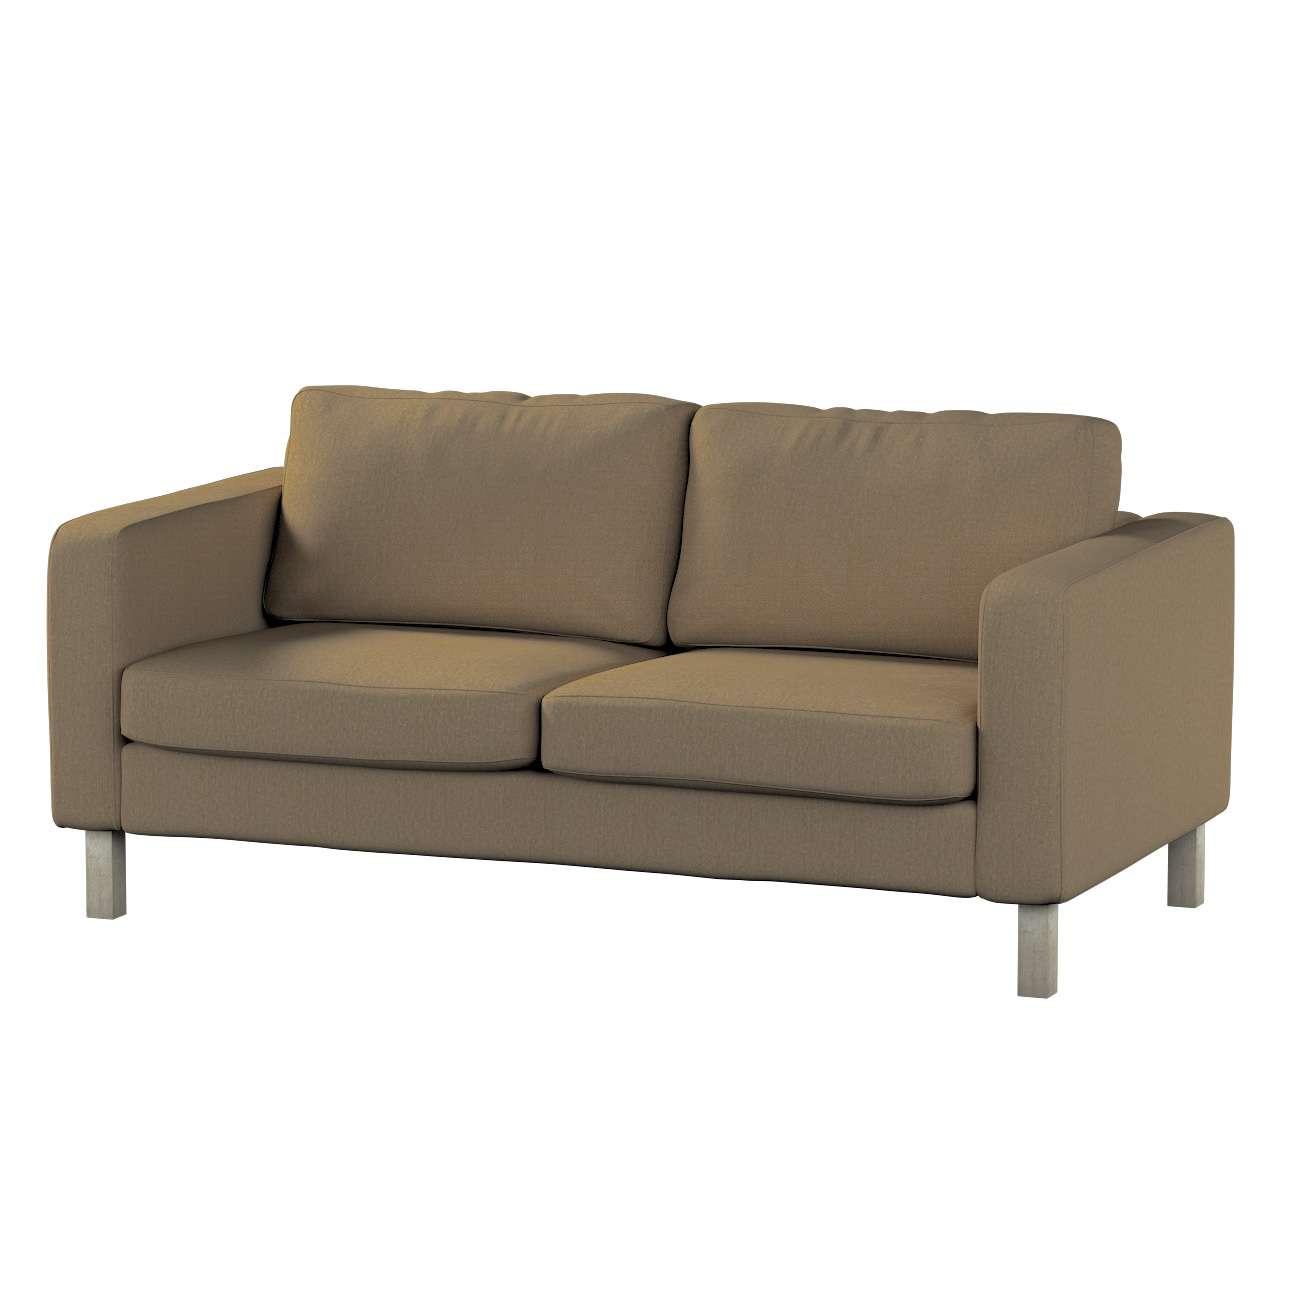 Pokrowiec na sofę Karlstad 2-osobową nierozkładaną krótki Sofa Karlstad 2-osobowa w kolekcji Chenille, tkanina: 702-21